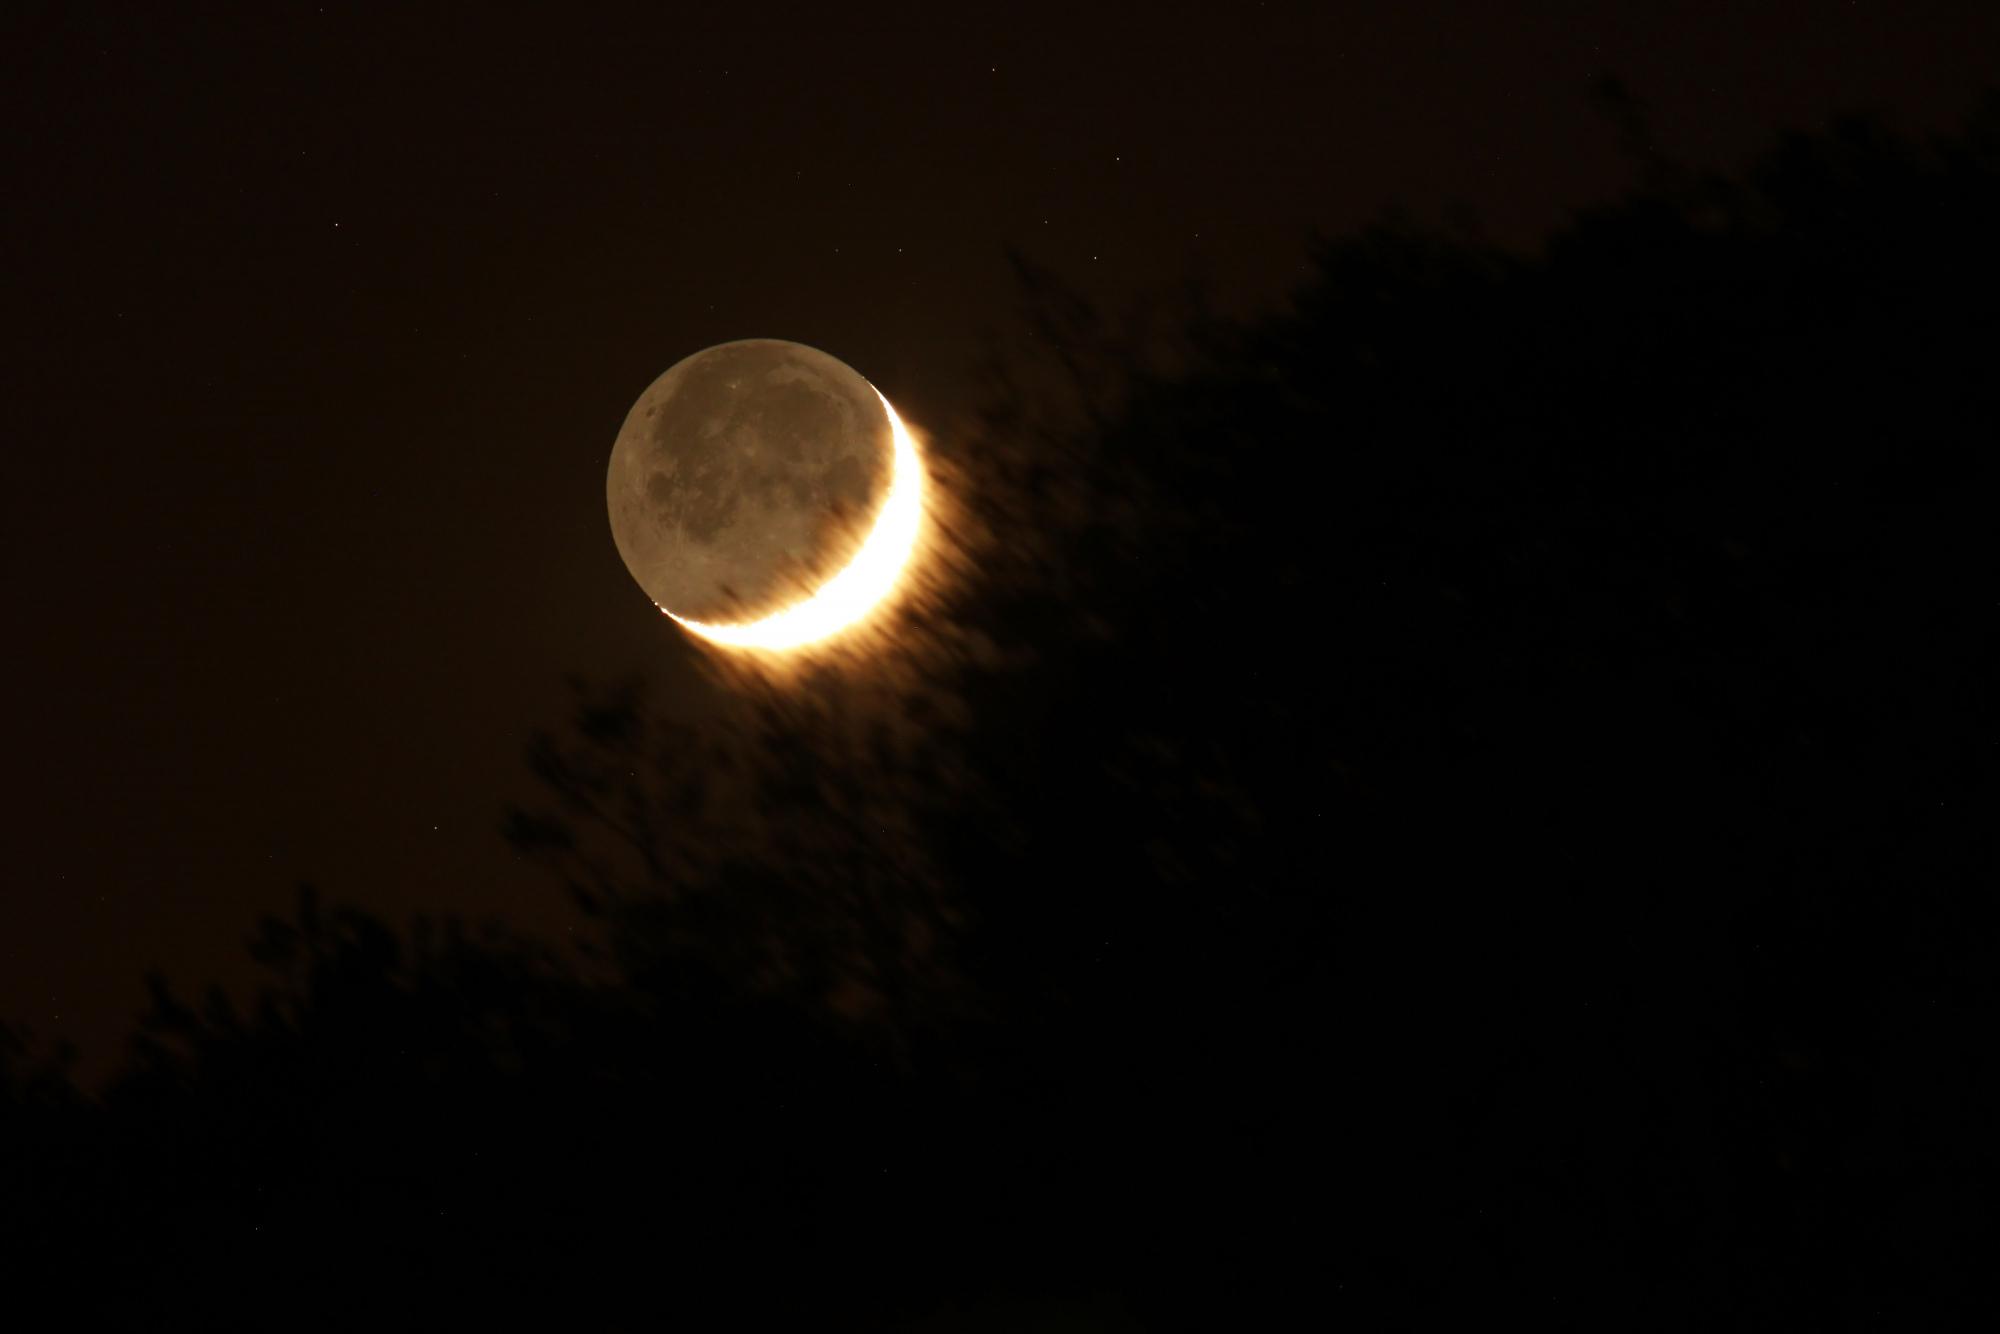 Lune cendrée 2787B2N1 send.jpg.jpg